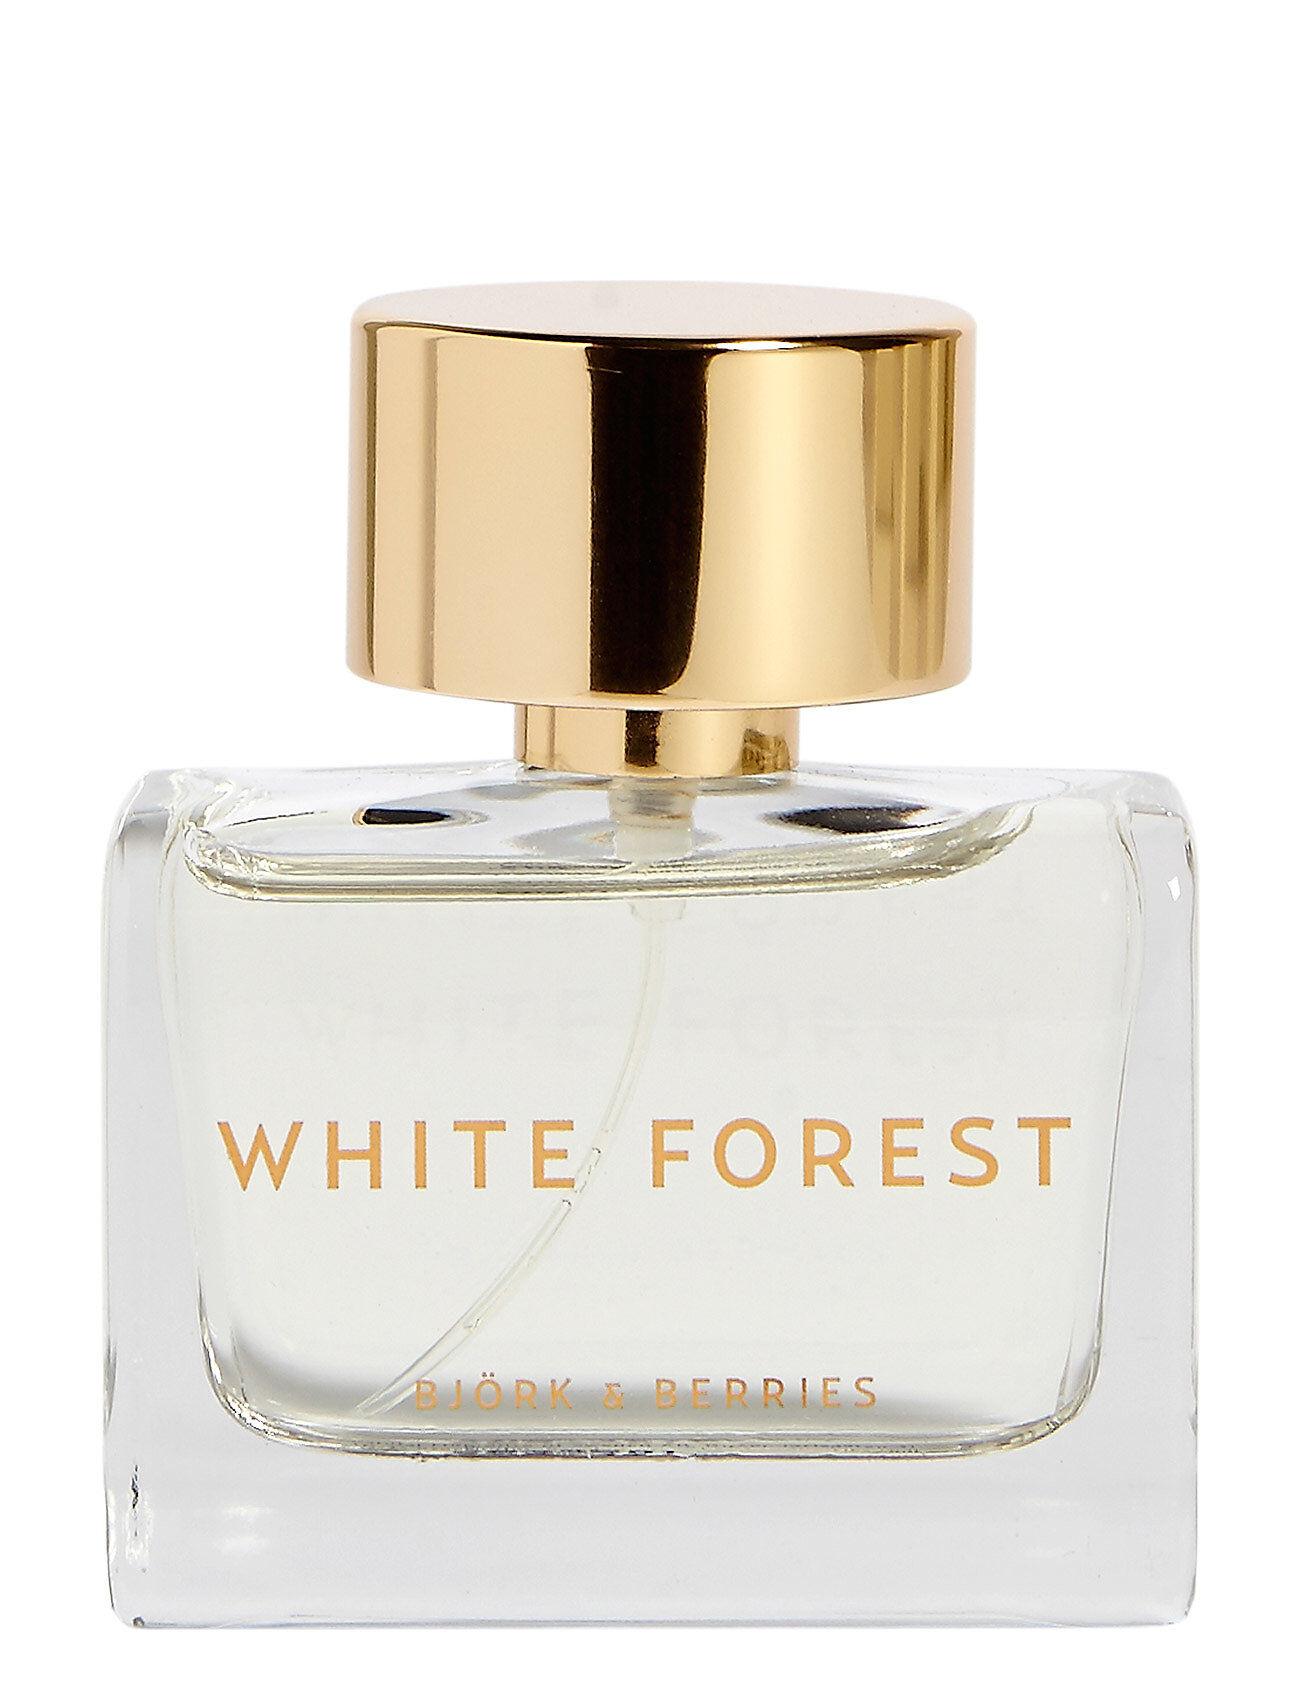 Björk & Berries White Forest Eau De Parfum